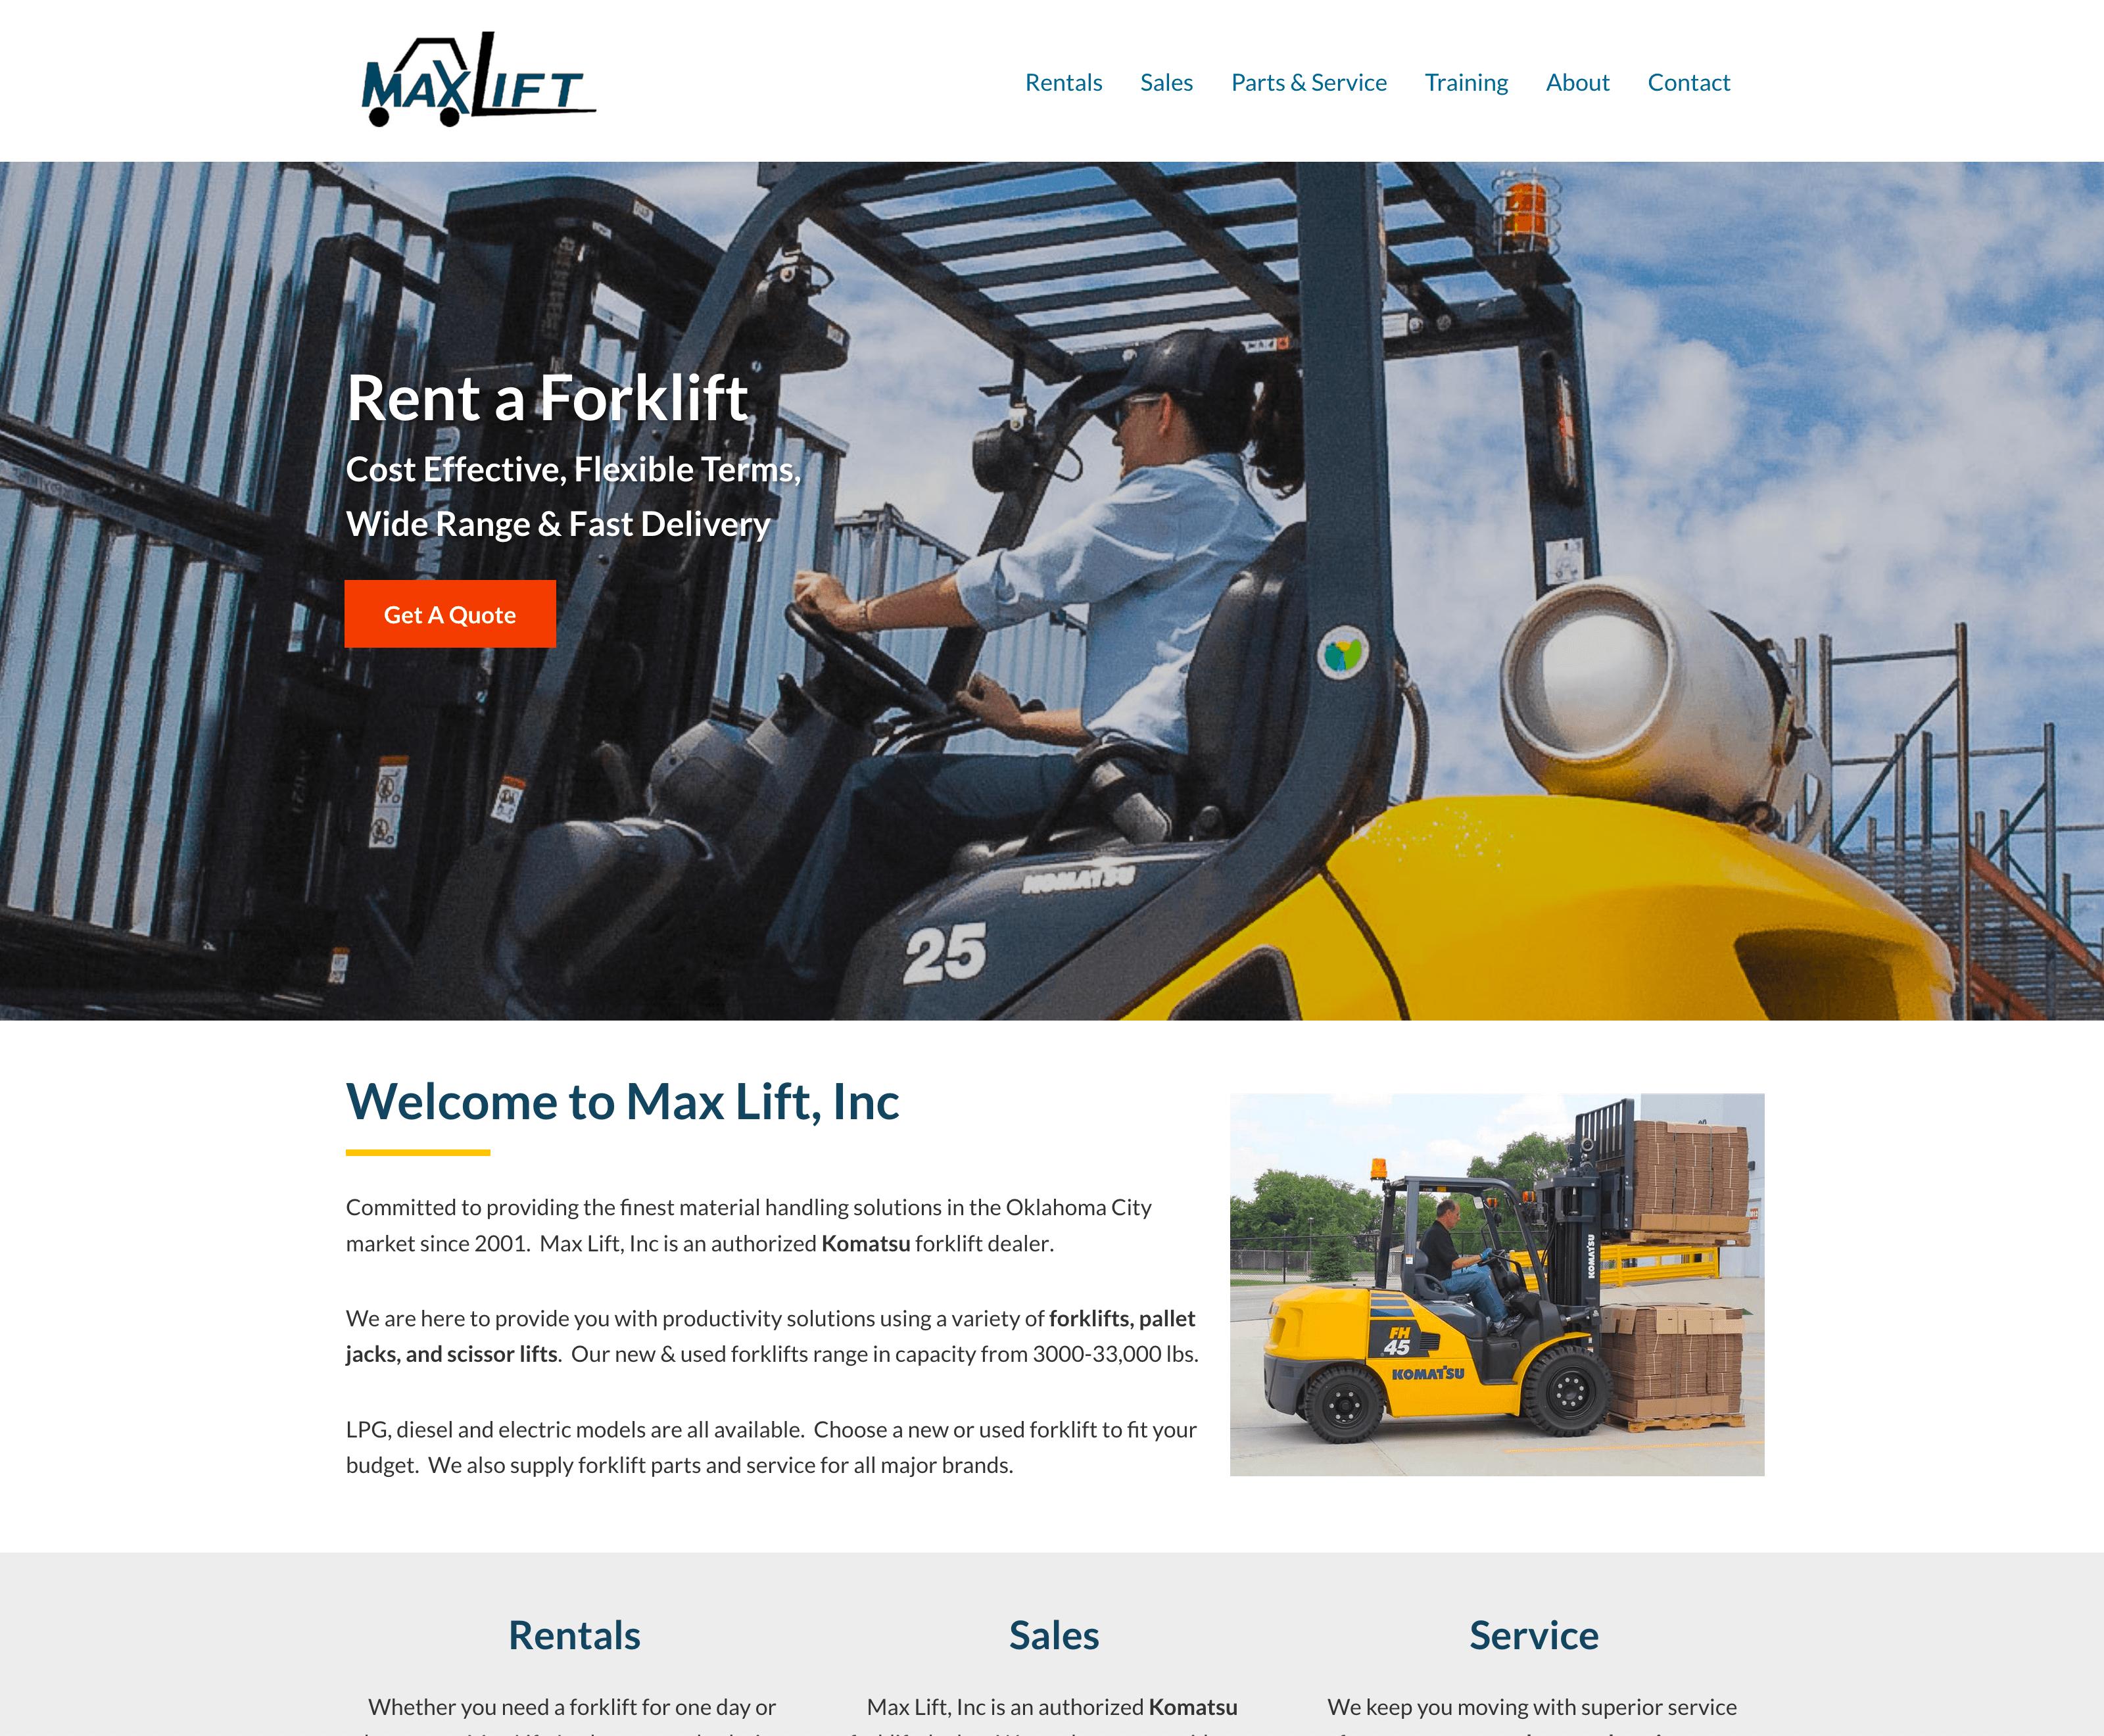 Okie Web Design - Project: MaxLift Inc